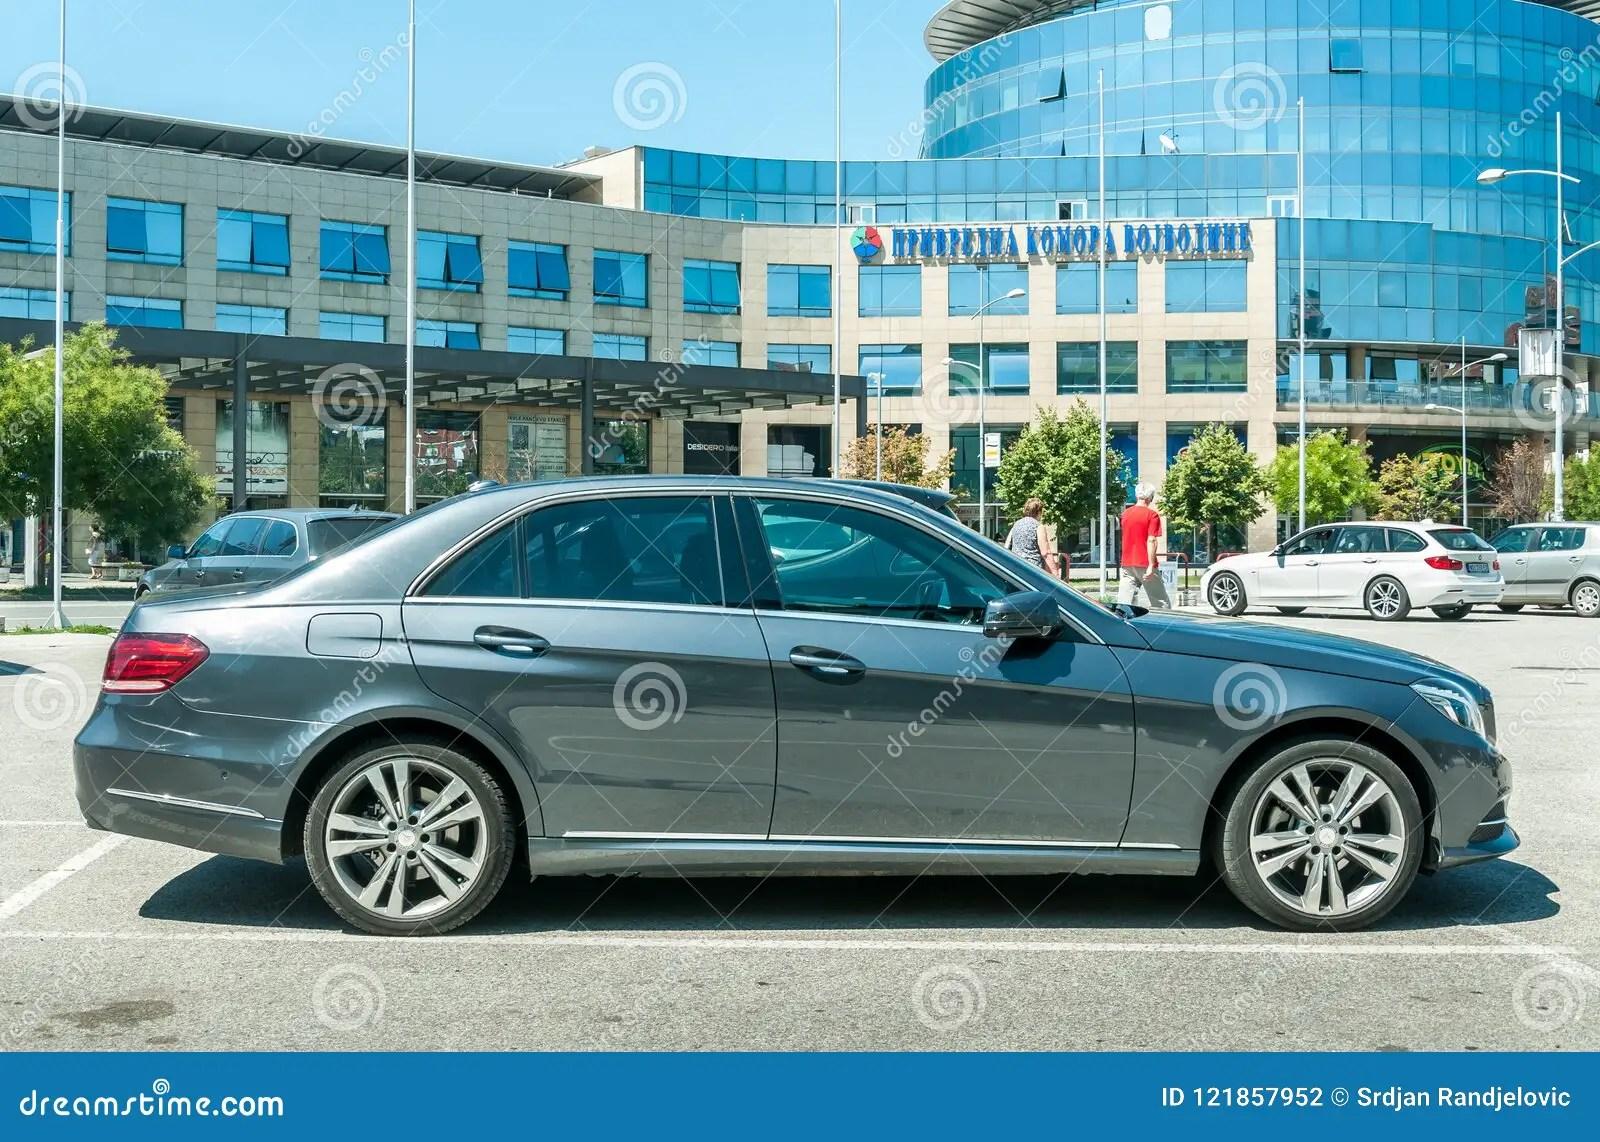 hight resolution of novi triste serbia julio 20 2018 la nueva clase 4matic de mercedes benz e 350 parque en la calle imagen editorial